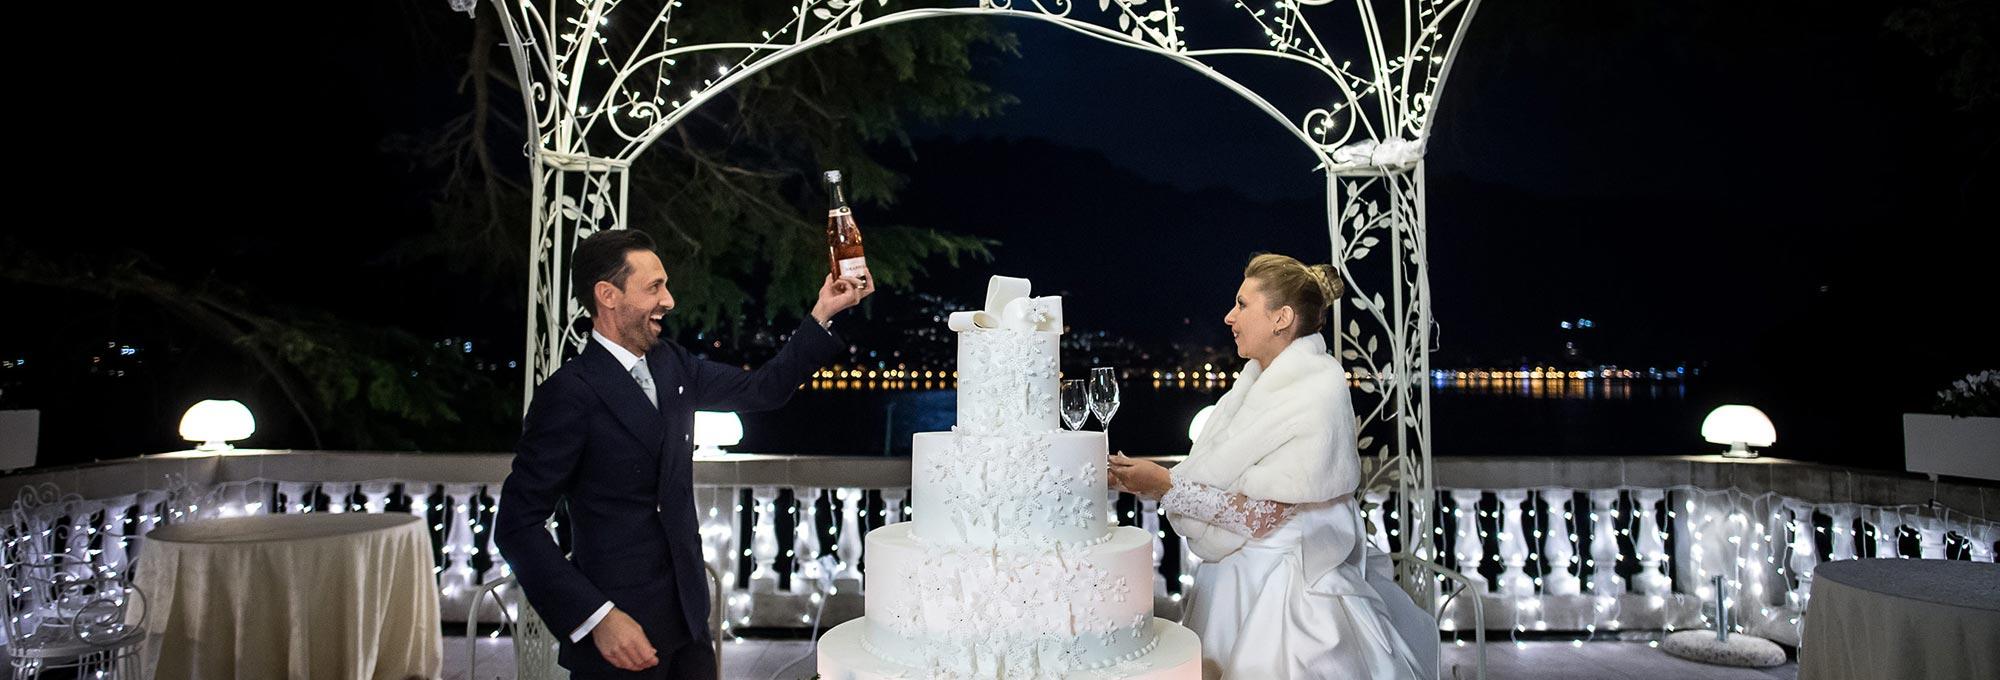 Matrimoni sul lago di Como - Villa Giulia - Valmadrera Lecco